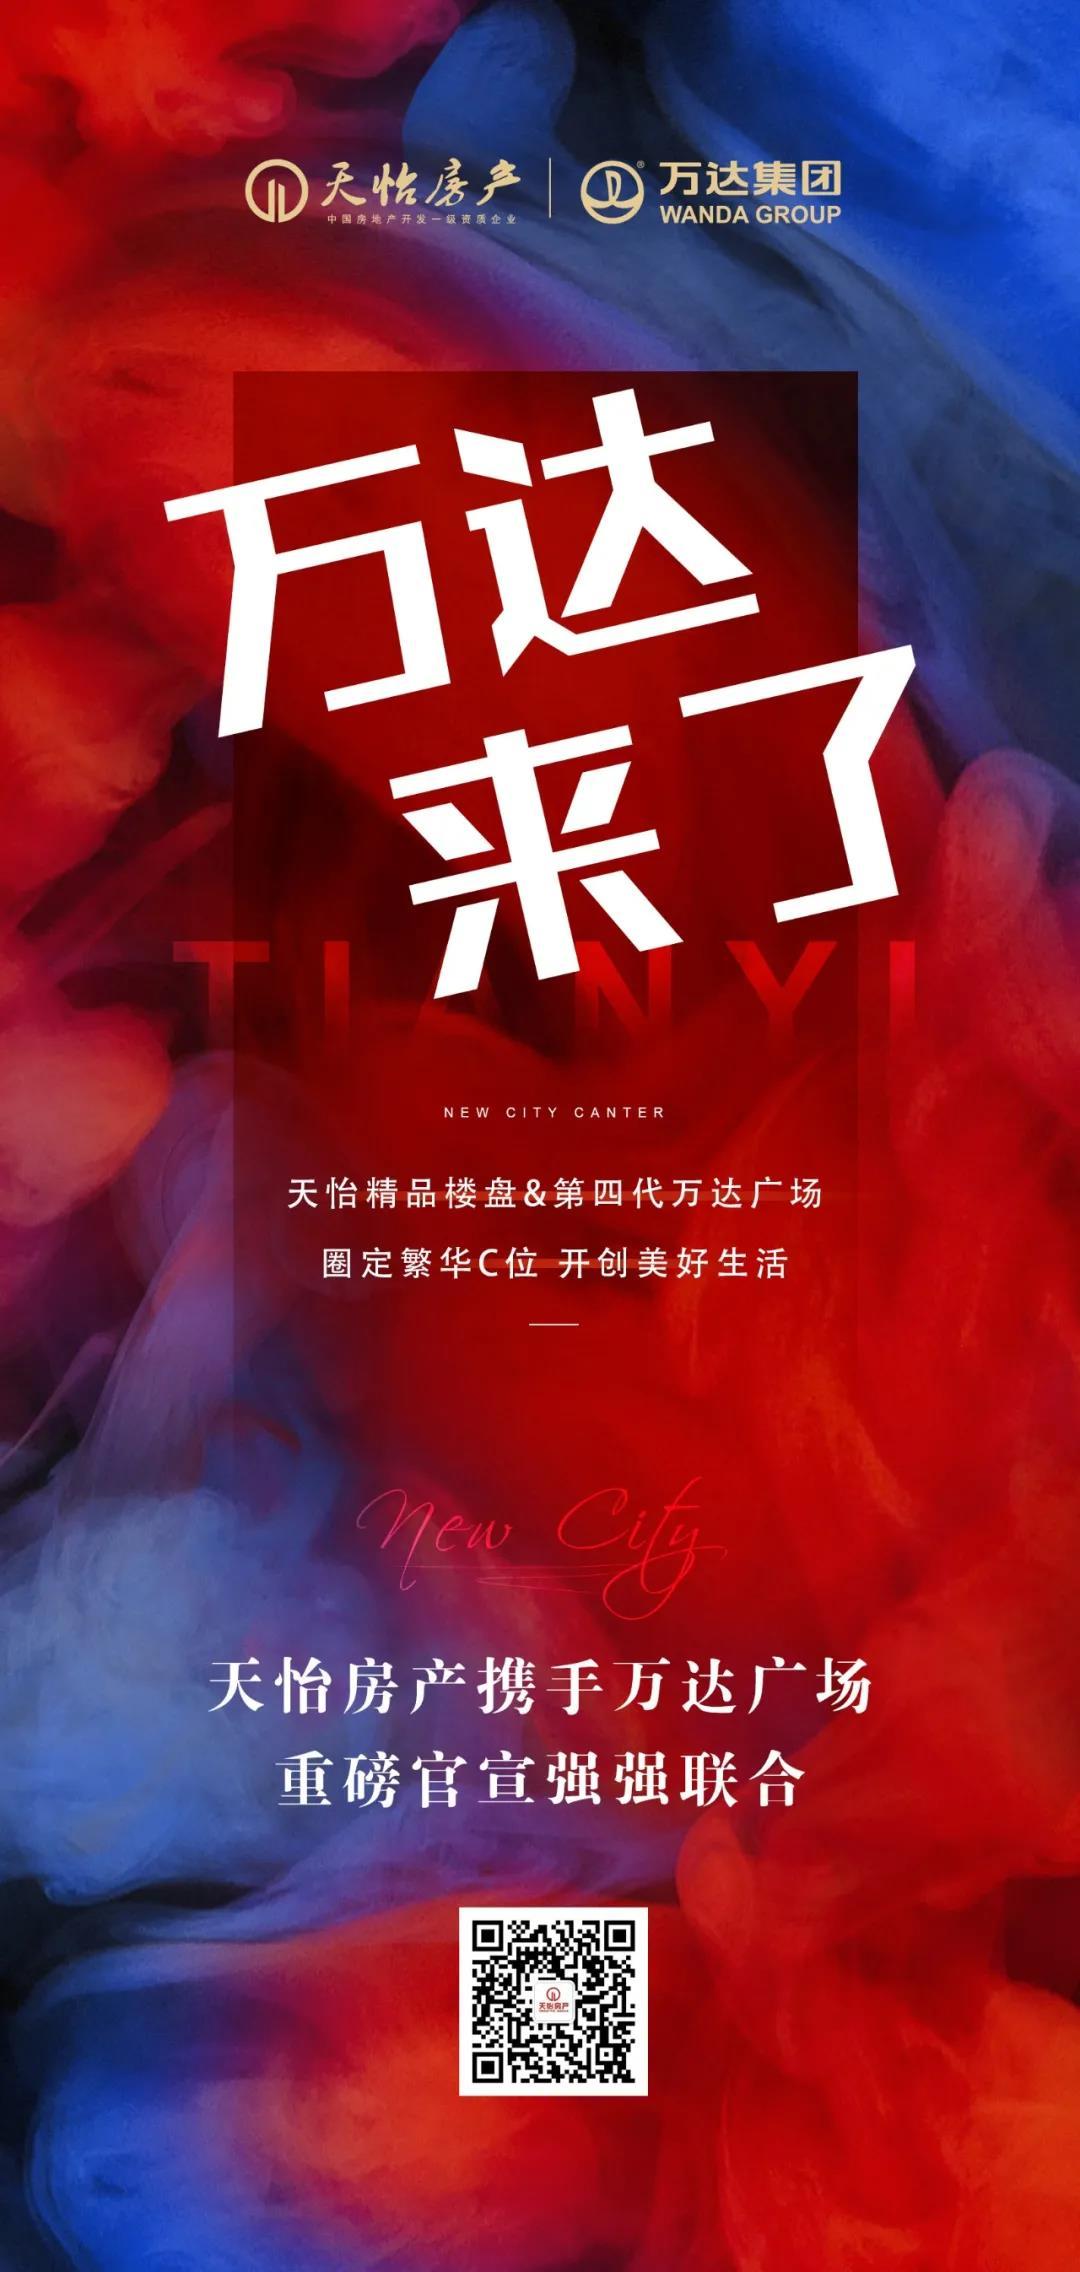 丹阳首个万达广场落地 预计最晚2024年亮相